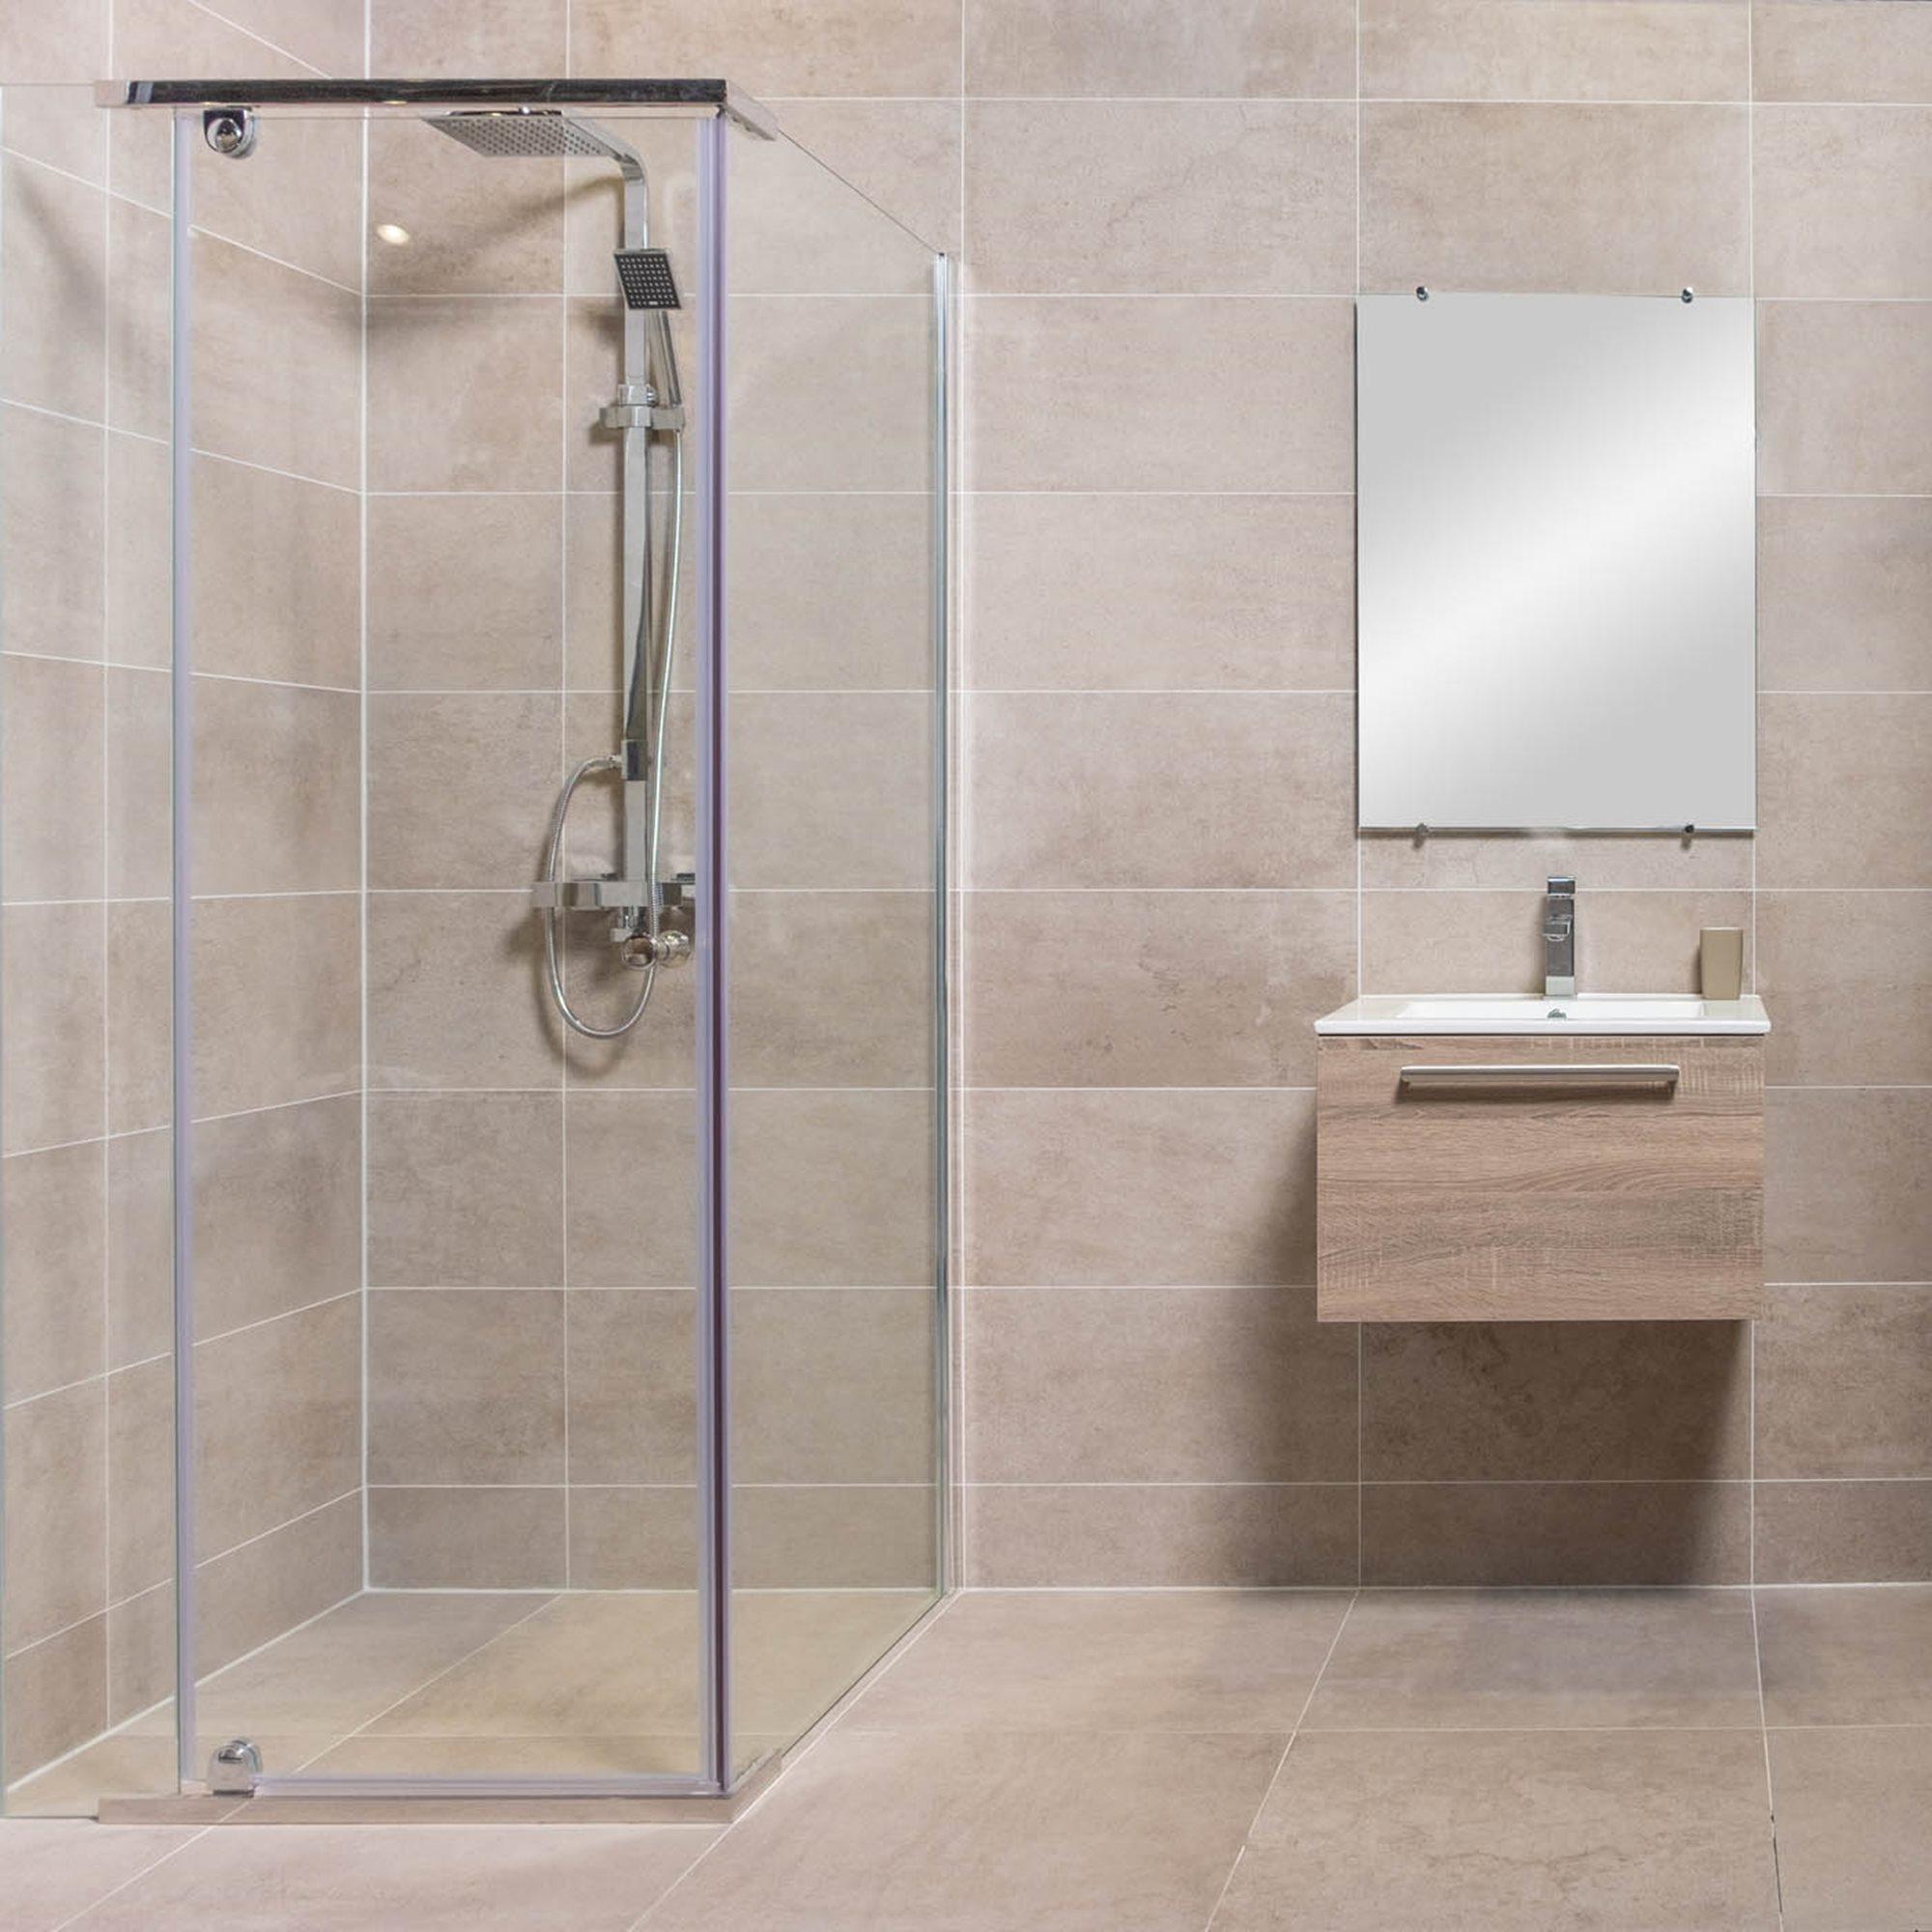 afmetingen-douche-douchecabine-beige-tegels-eiken-badkamermeubel-badkamerspiegel.jpg